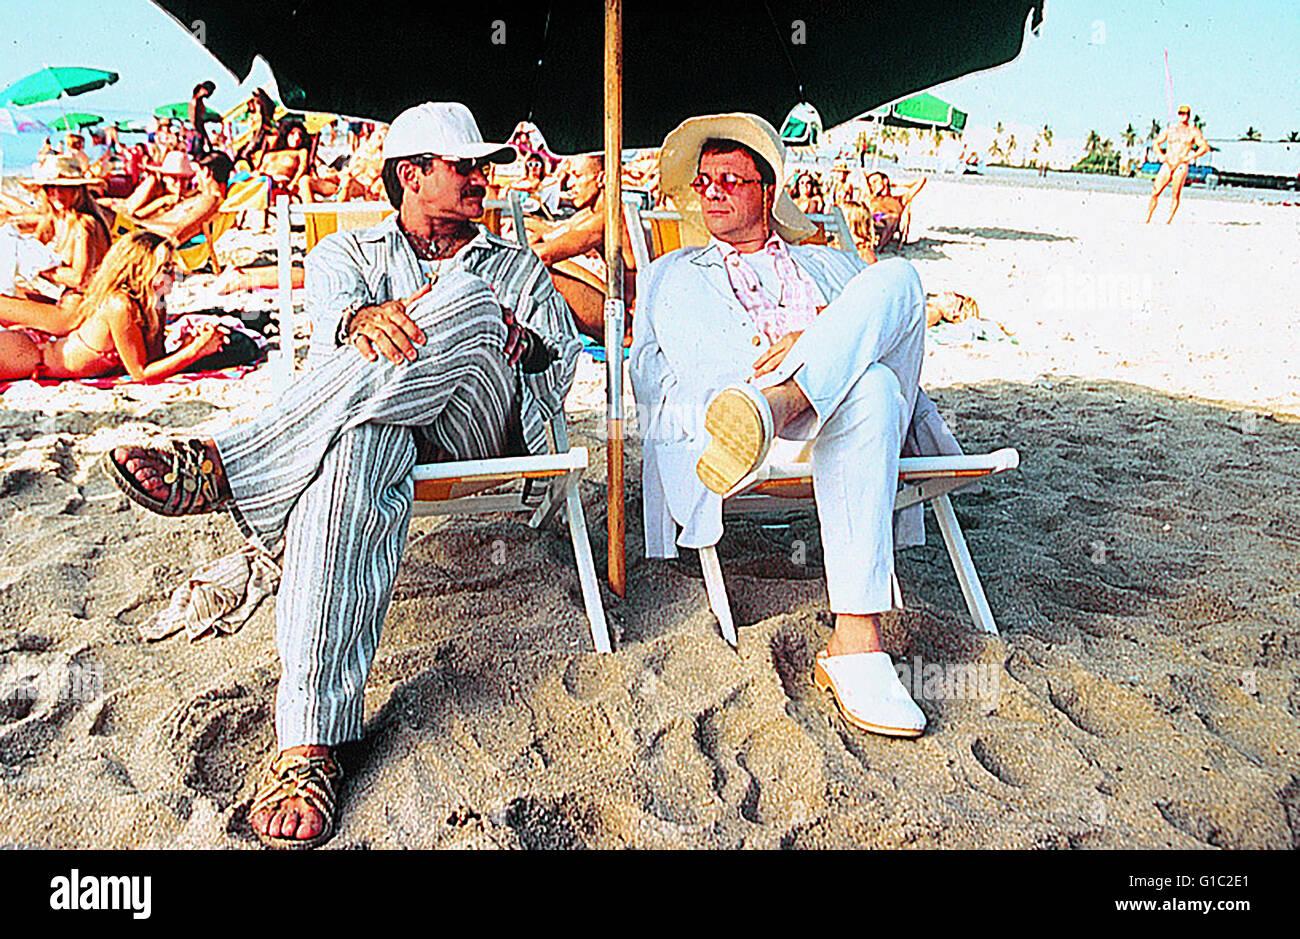 Birdcage - Ein Paradies für schrille Vögel, The / Robin Williams / Nathan Lane, - Stock Image